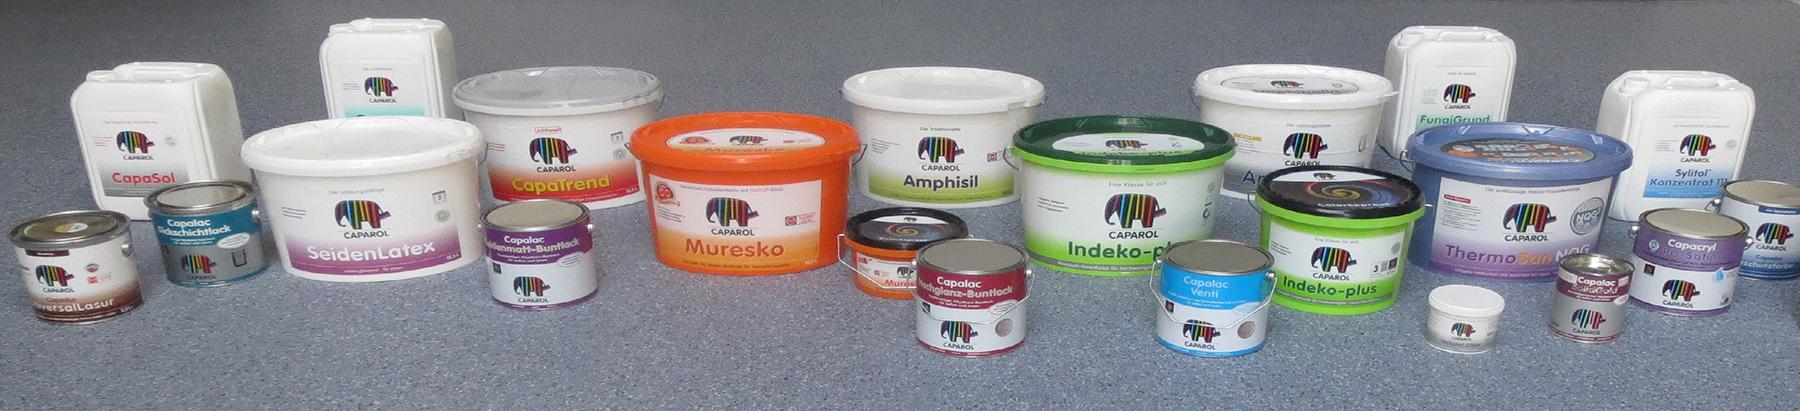 Caparol Produktpalette klein - Farbe kaufen